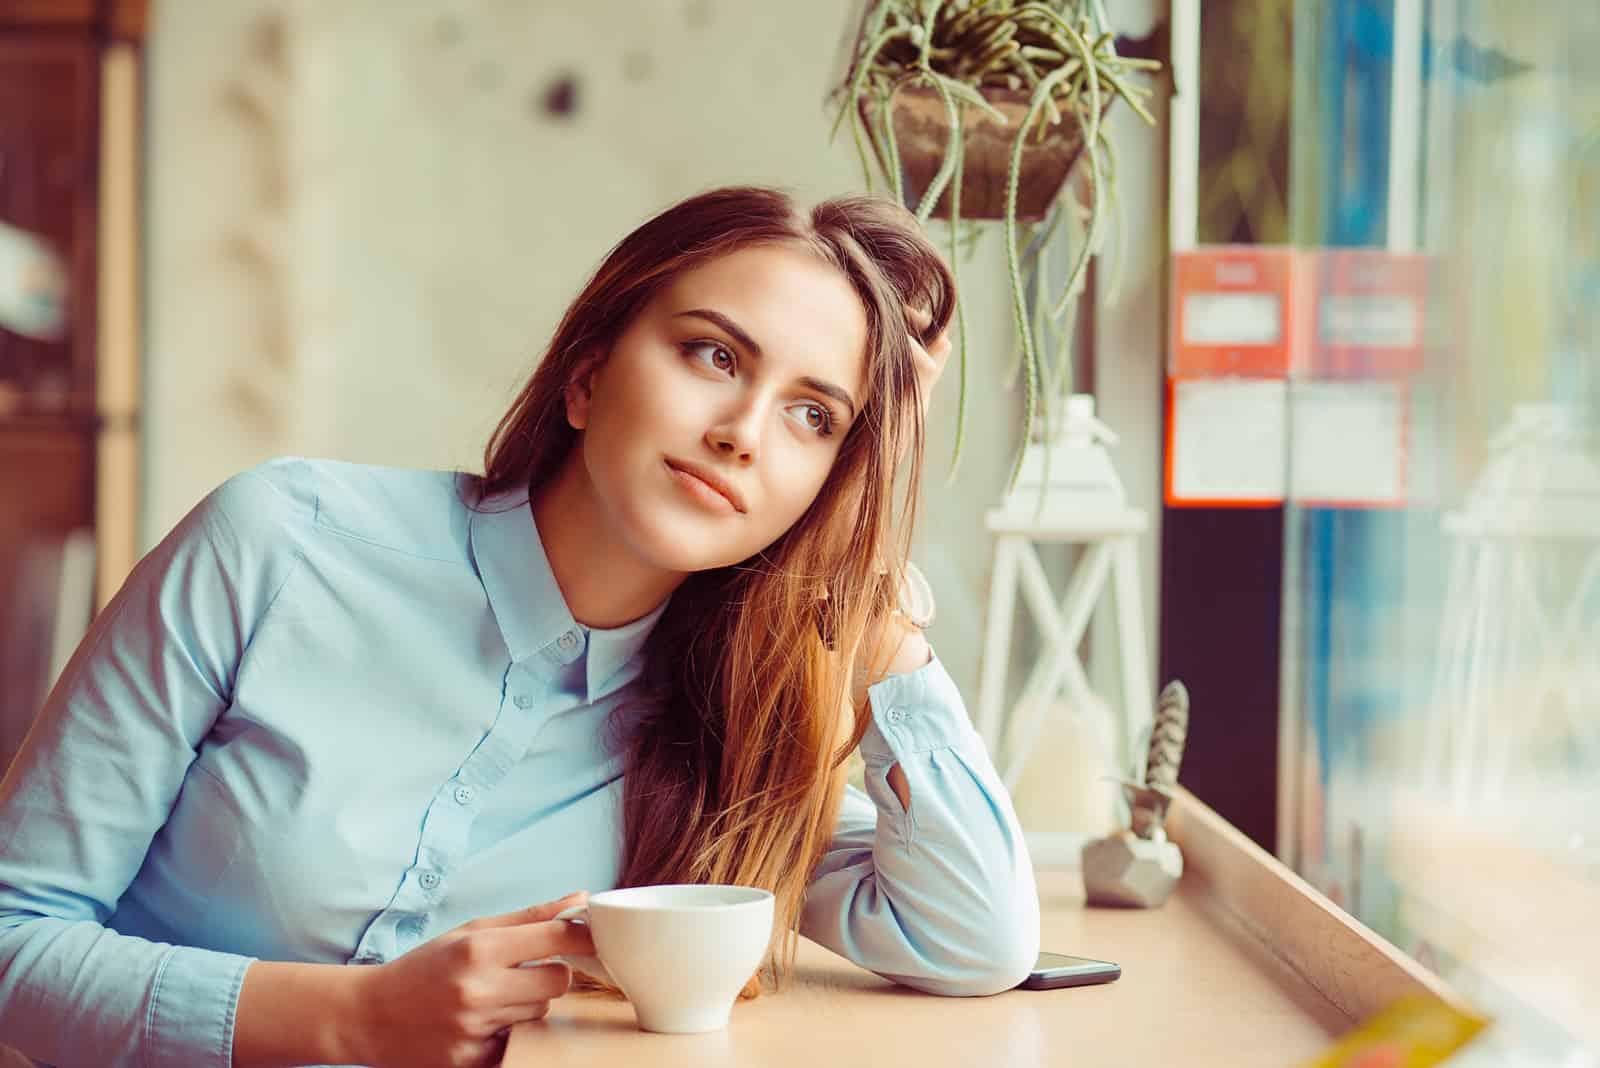 Une femme imaginaire assise à boire du café